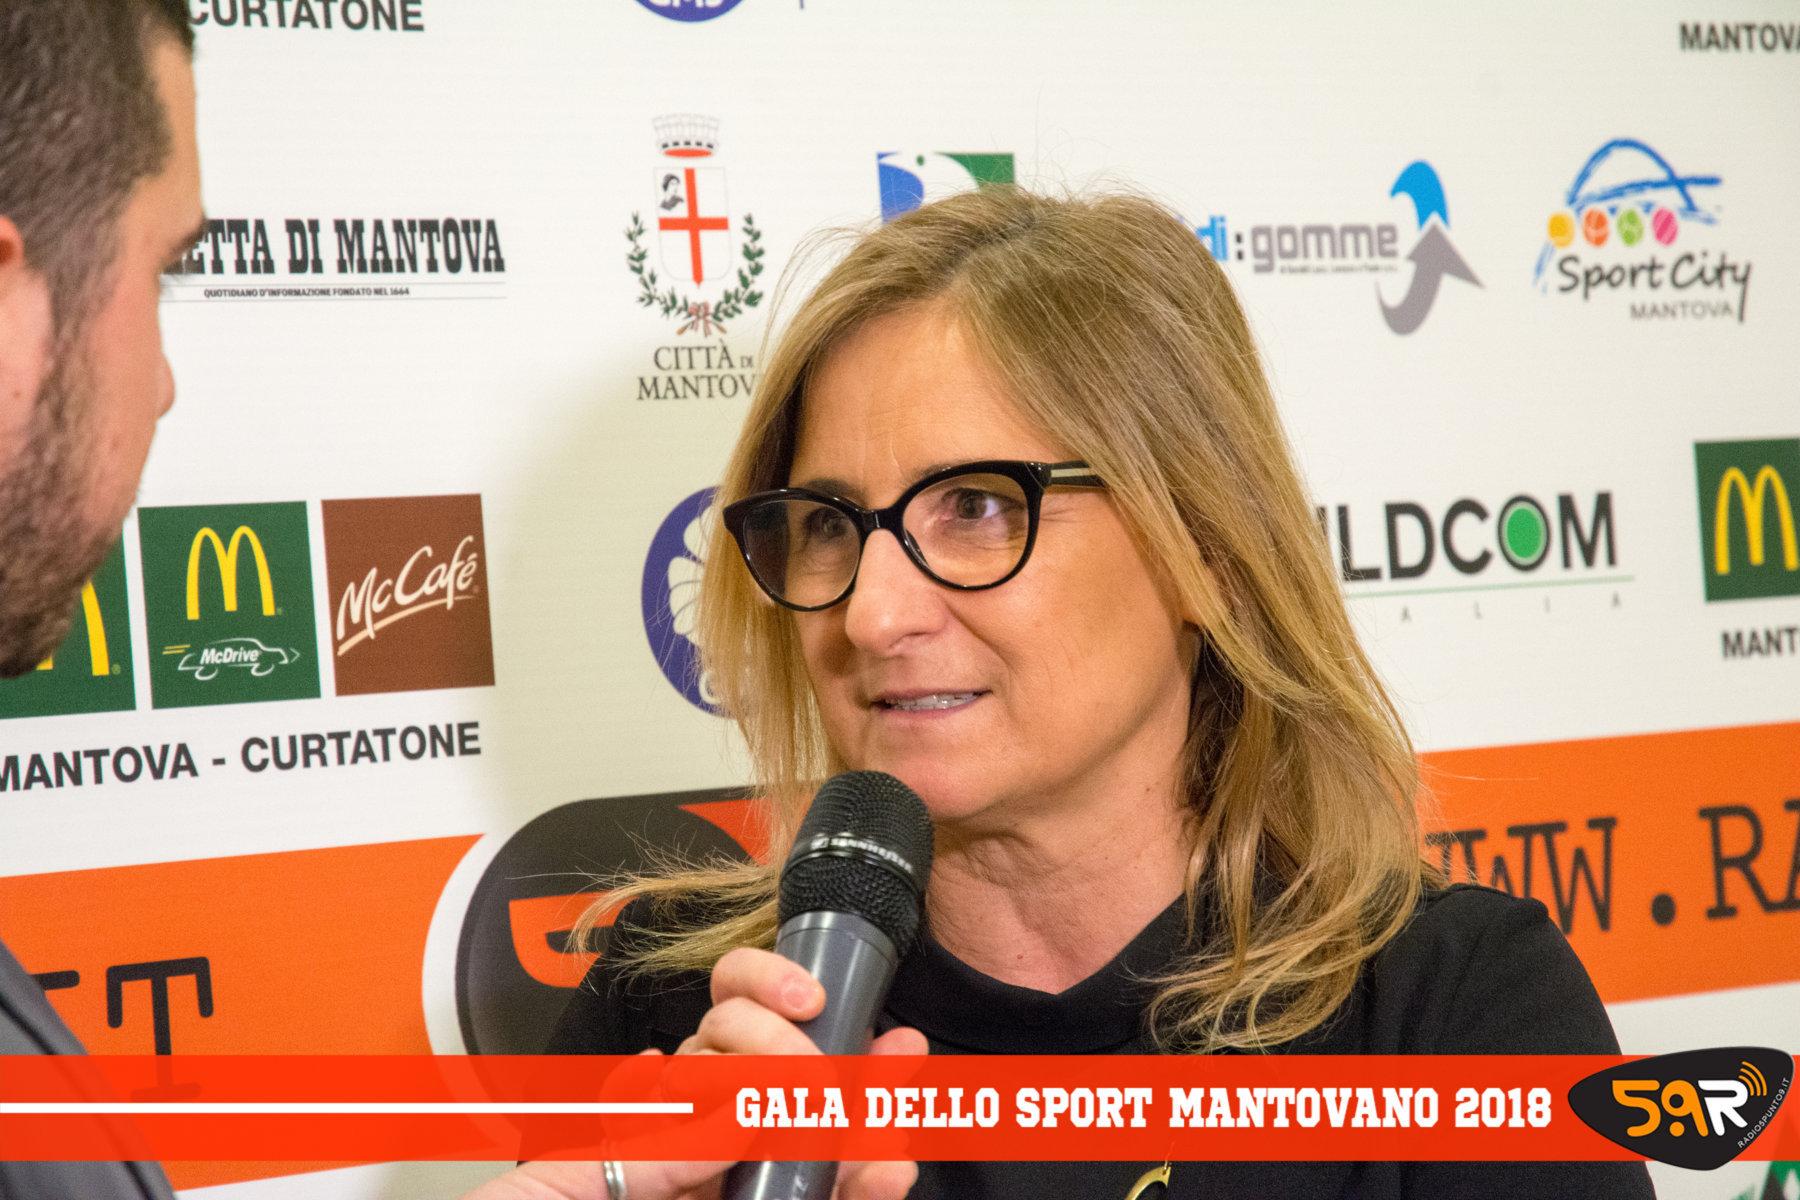 Gala dello Sport Mantovano 2018 Web Radio 5 (32)